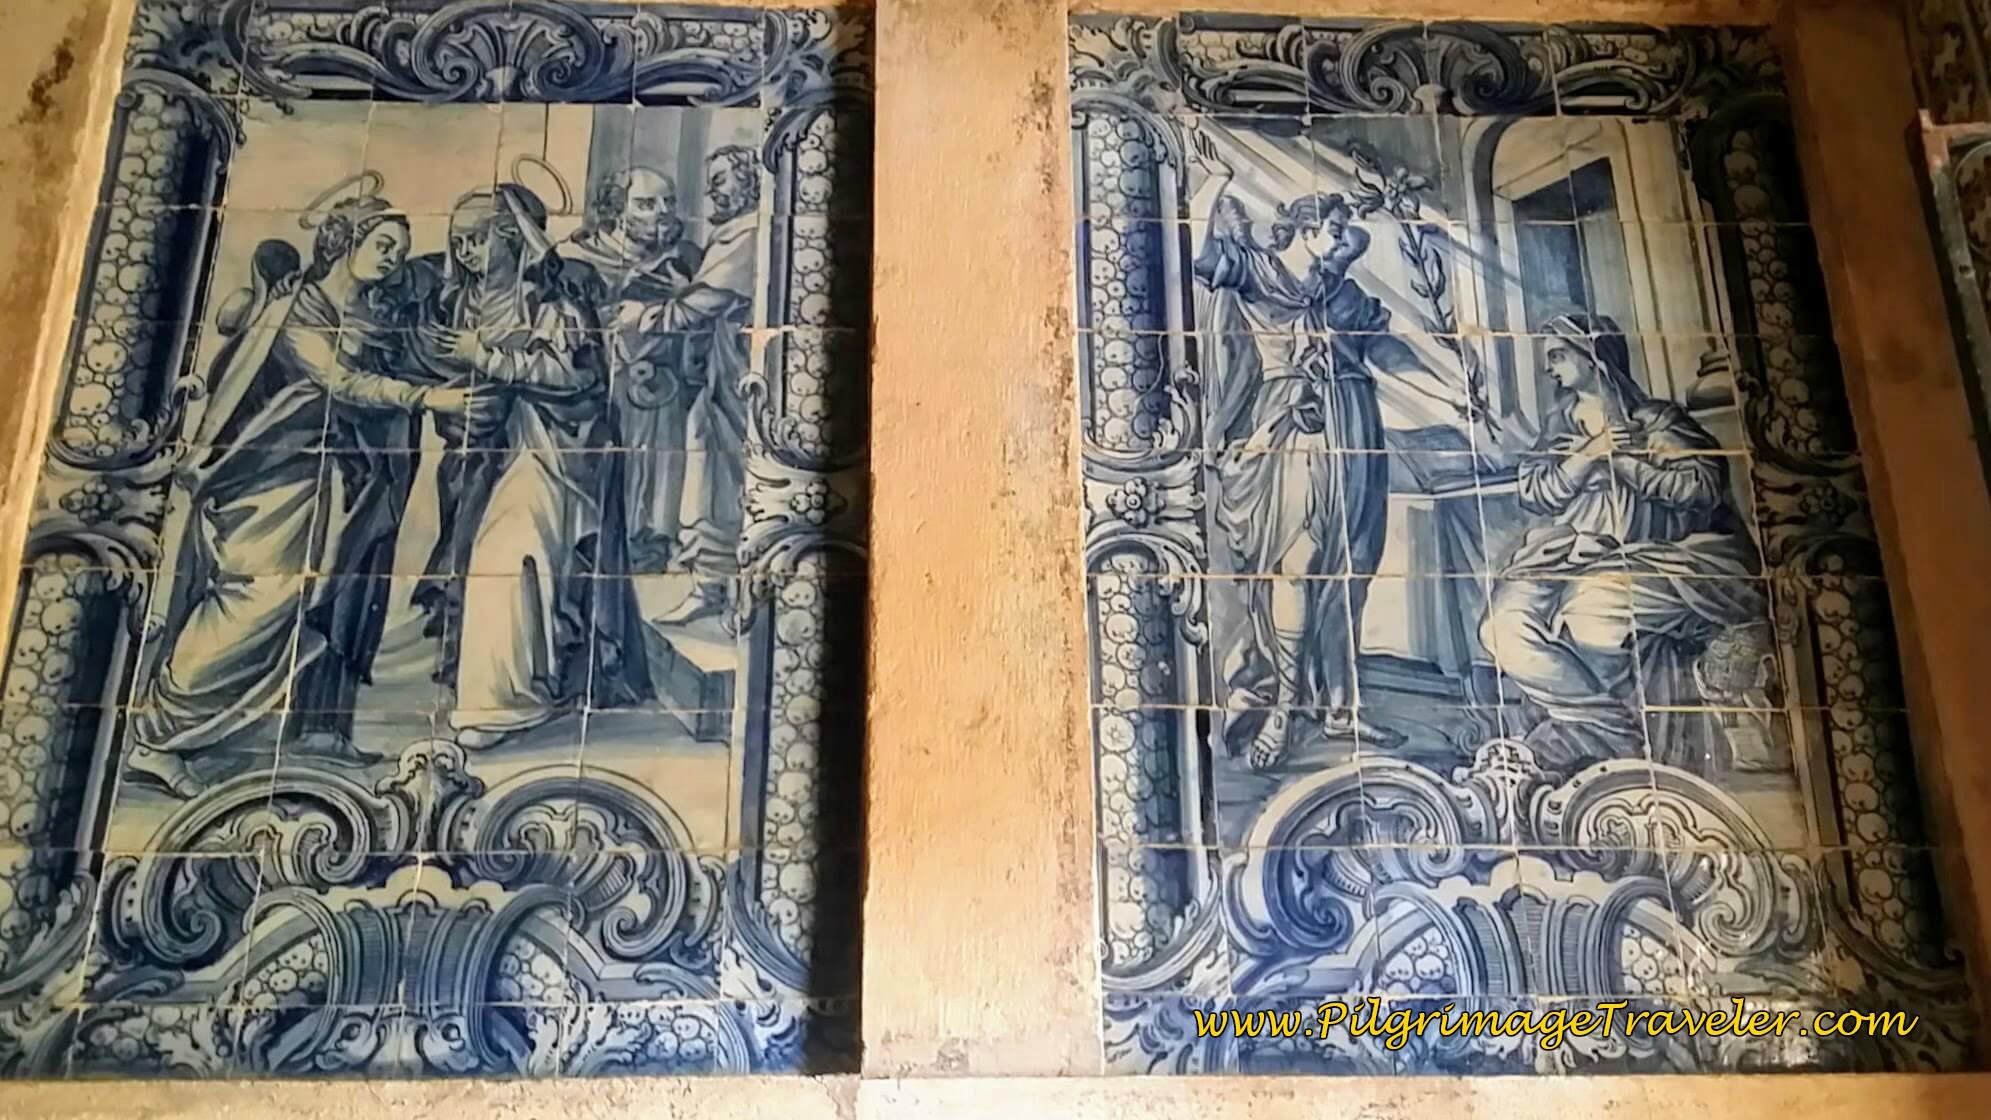 Azulejo Tile Murals inside Cloister, Convento de Cristo, Tomar